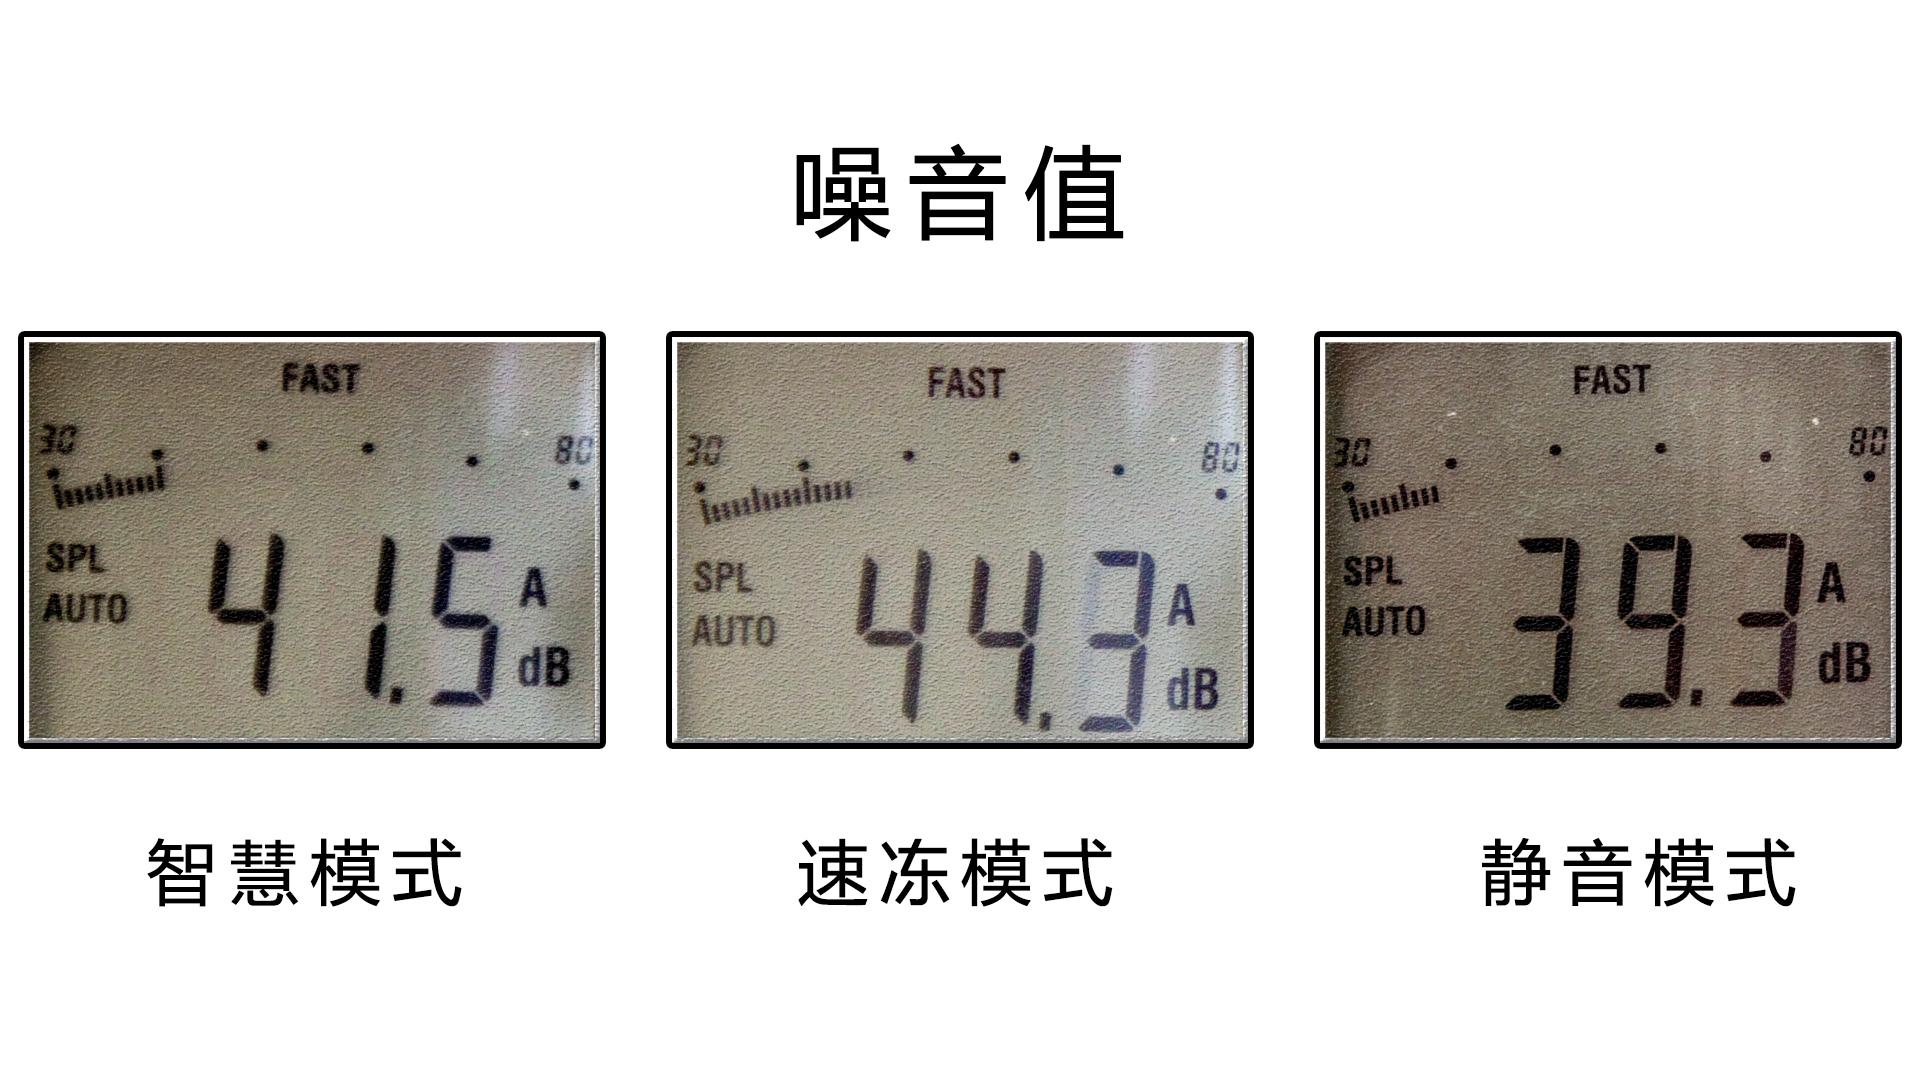 卧式到立式的进步:海信BD-202WTU评测,让冷冻多一种选择